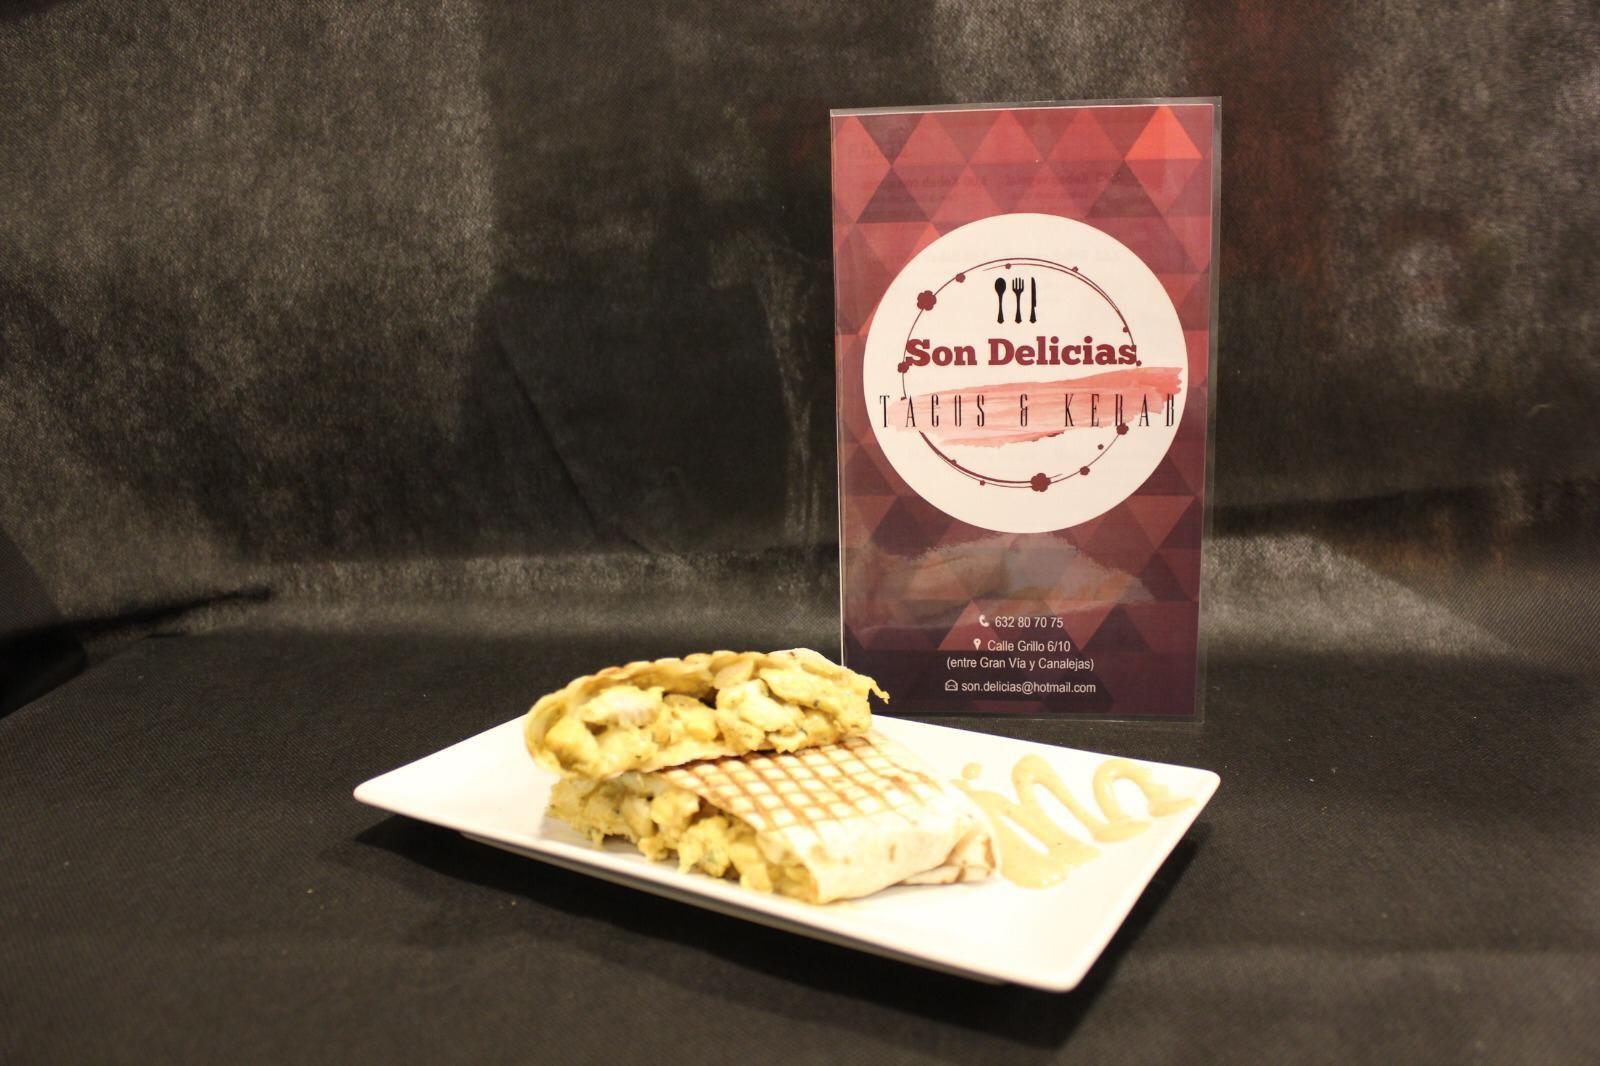 Foto 5 de Cocina turca en  | Son Delicias